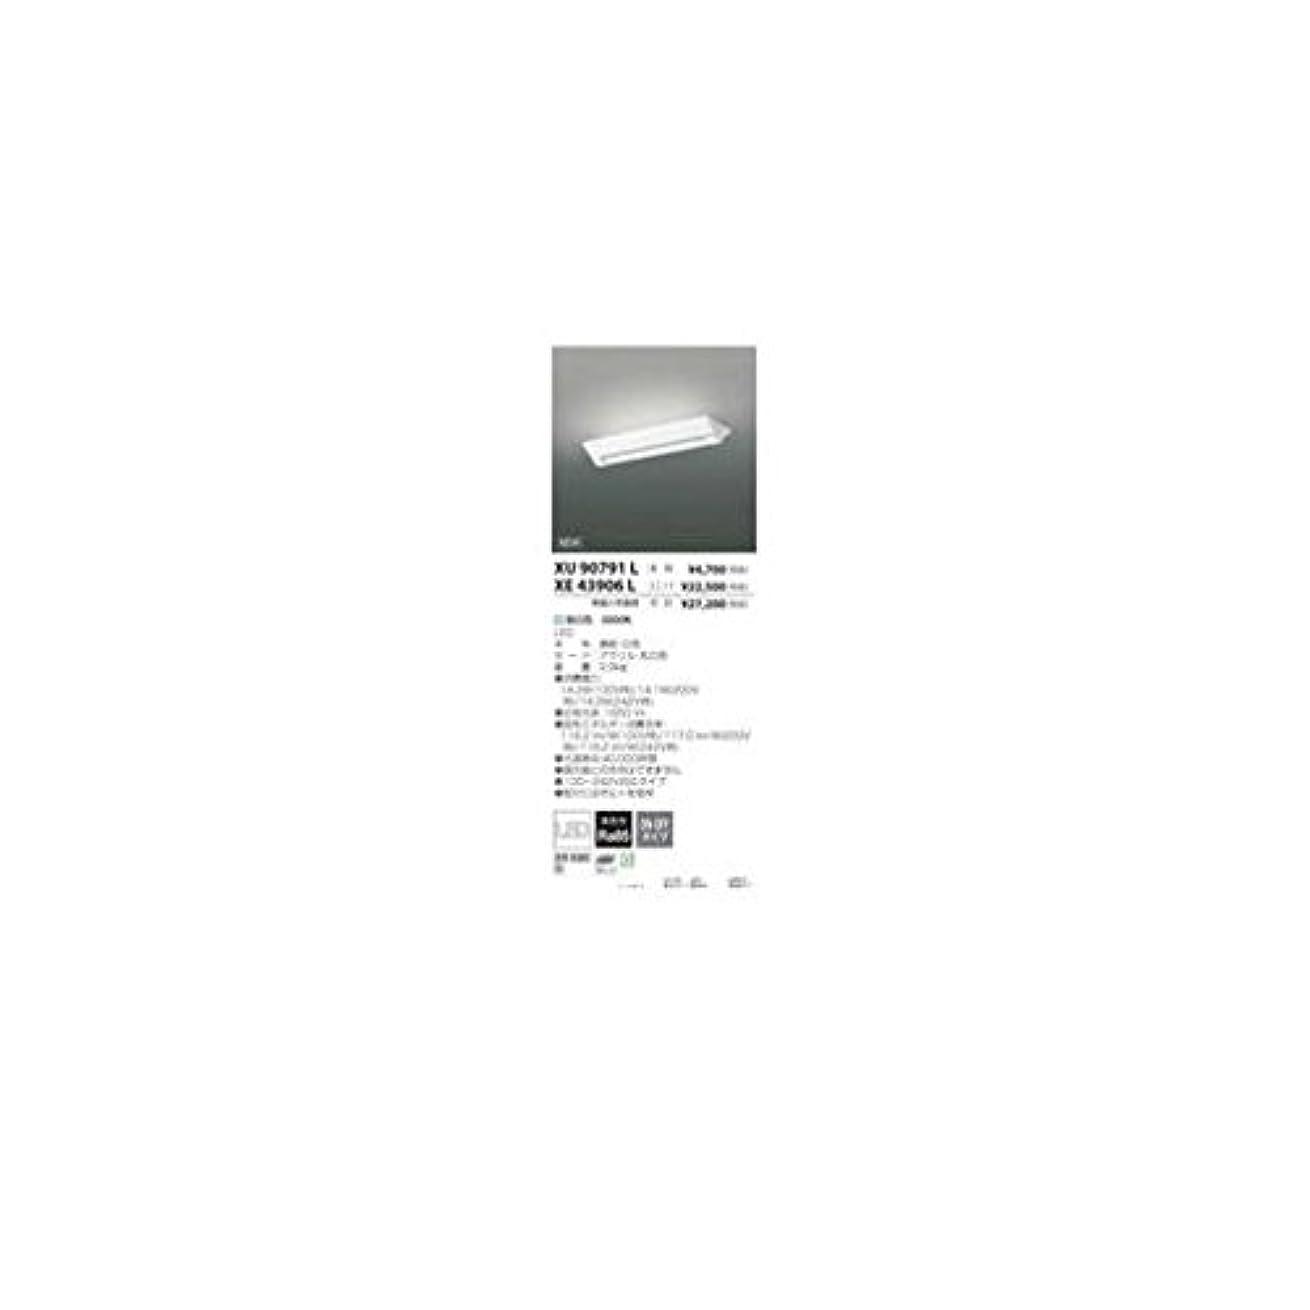 困った選出するパーツFT28556 LED防雨防湿ベース